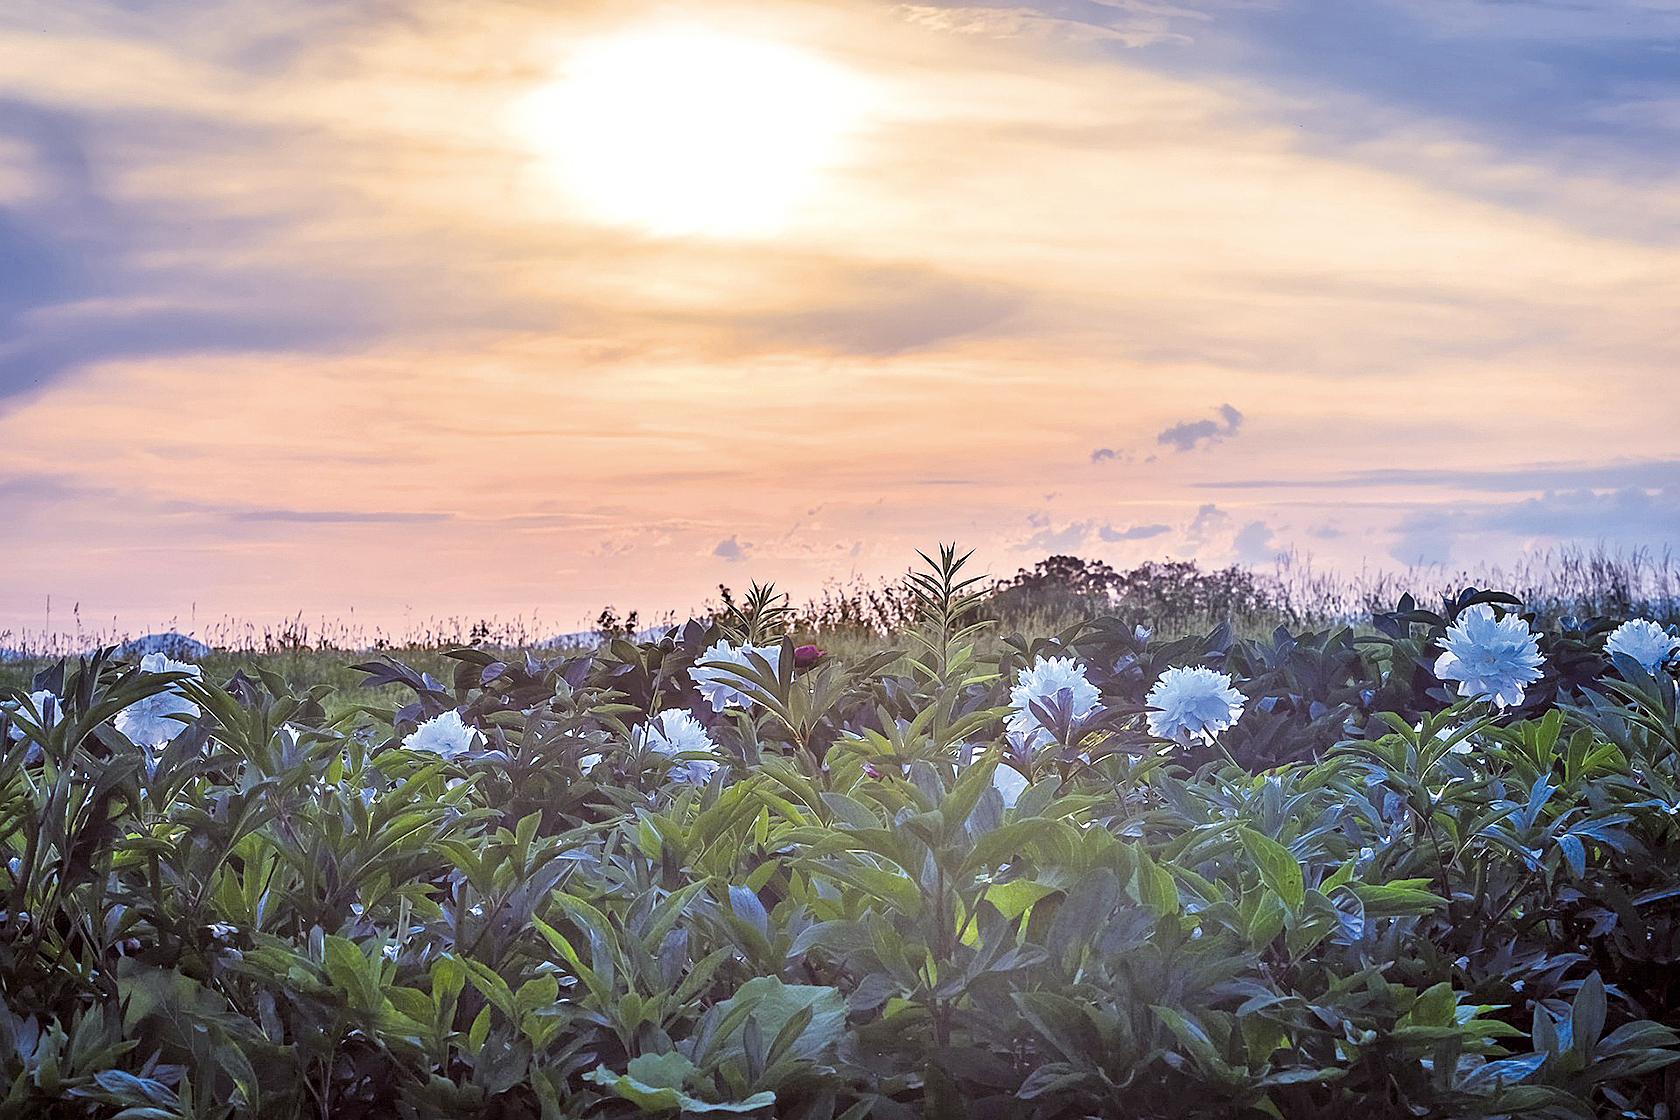 一個國度一個花神;北非、西亞的革命之花紛紛怒放,這場花卉革命正無聲無形的影響著中國(Getty Images)